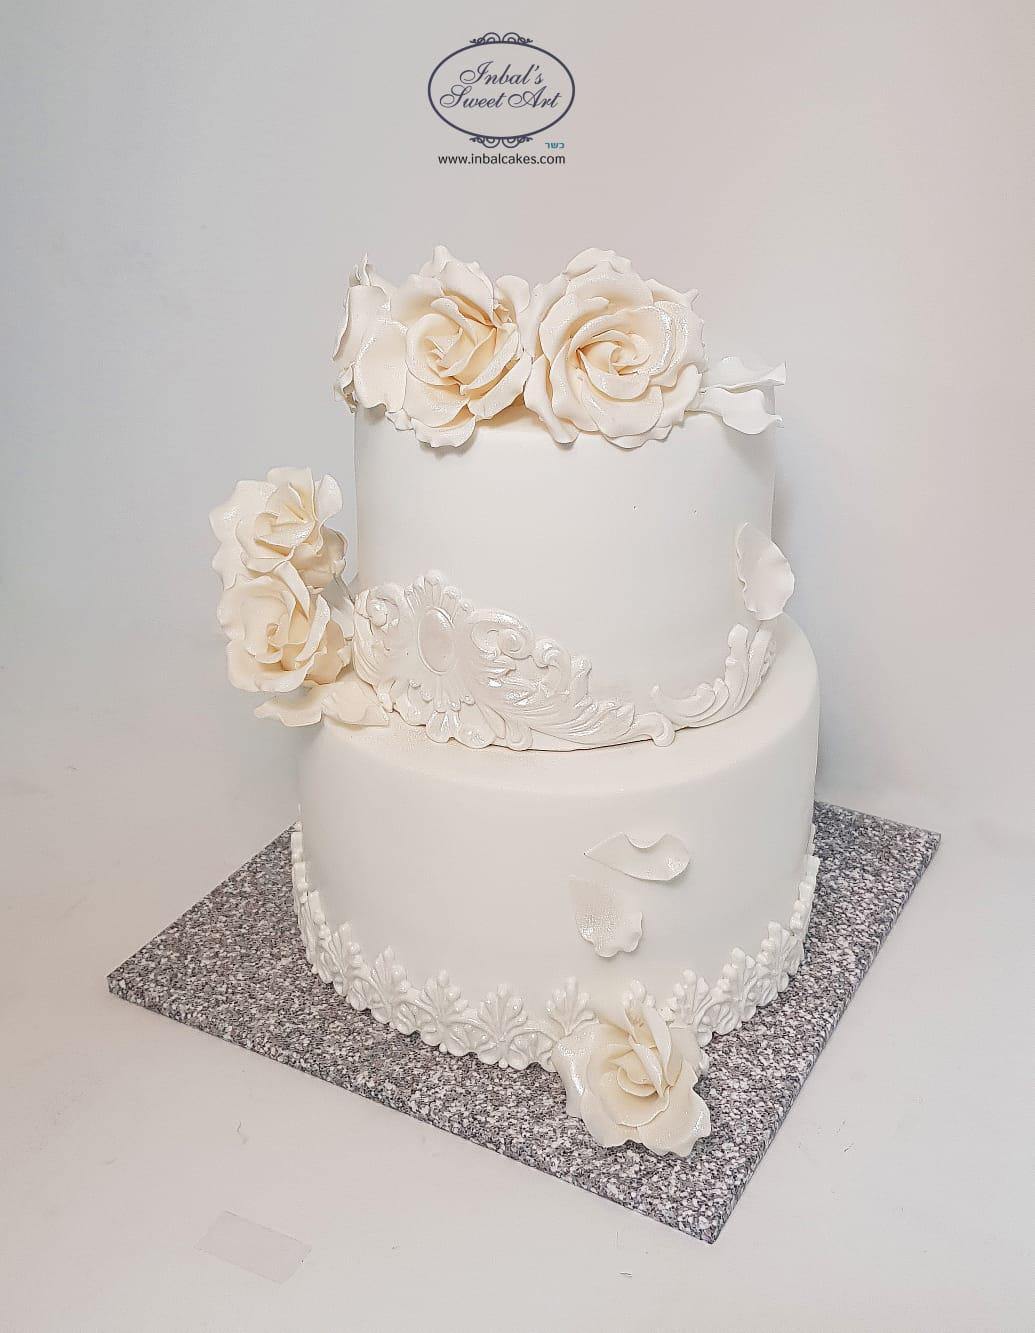 עוגות חתונה מעוצבות גם בזמן הקורונה